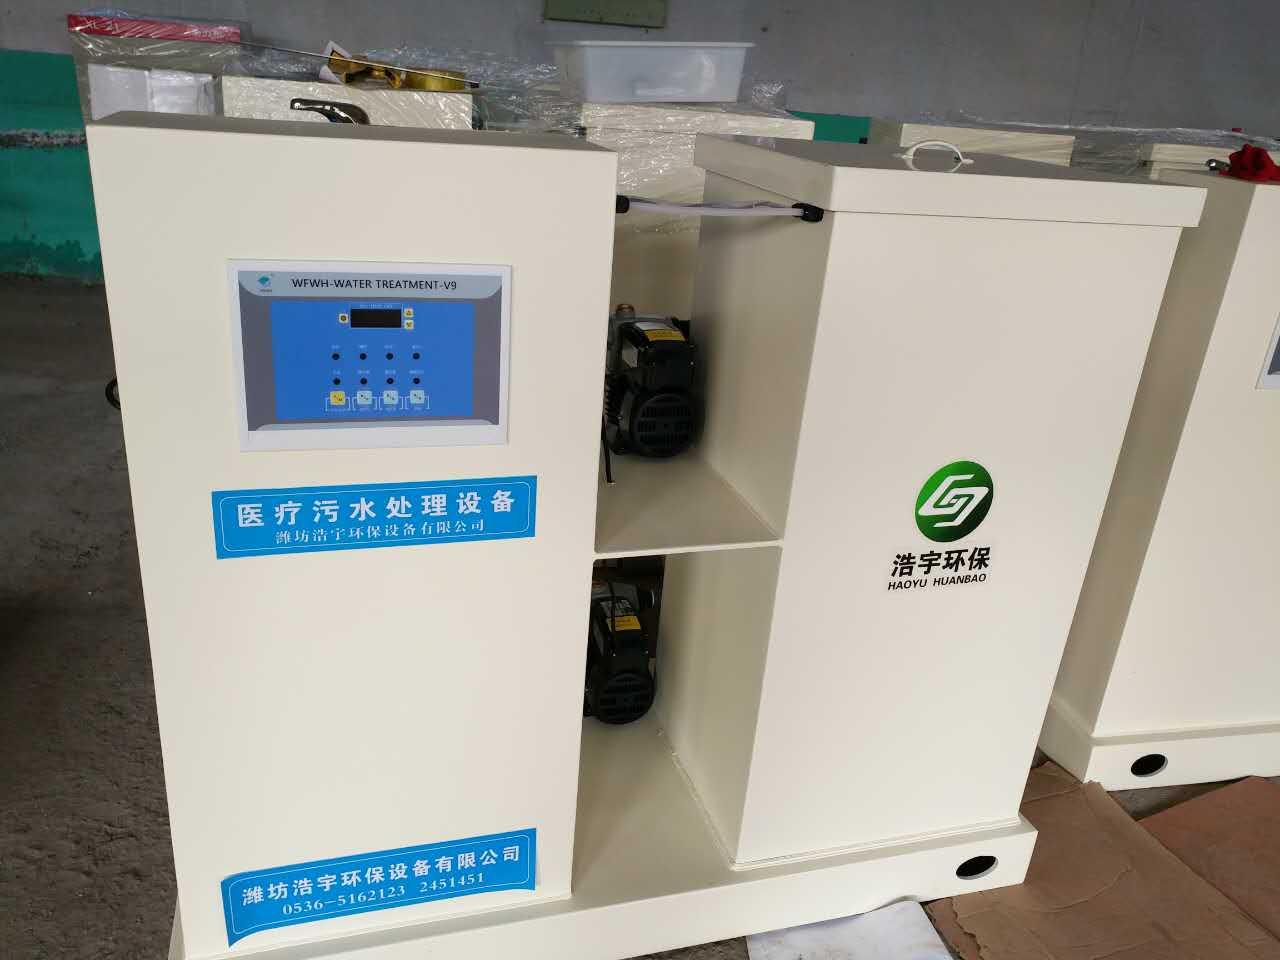 综合实验室污水处理设备 <br> 全新  价格:16980 <br> <img src=http://k.kqzp.cn/img/up/img/5f0810129274a.jpg